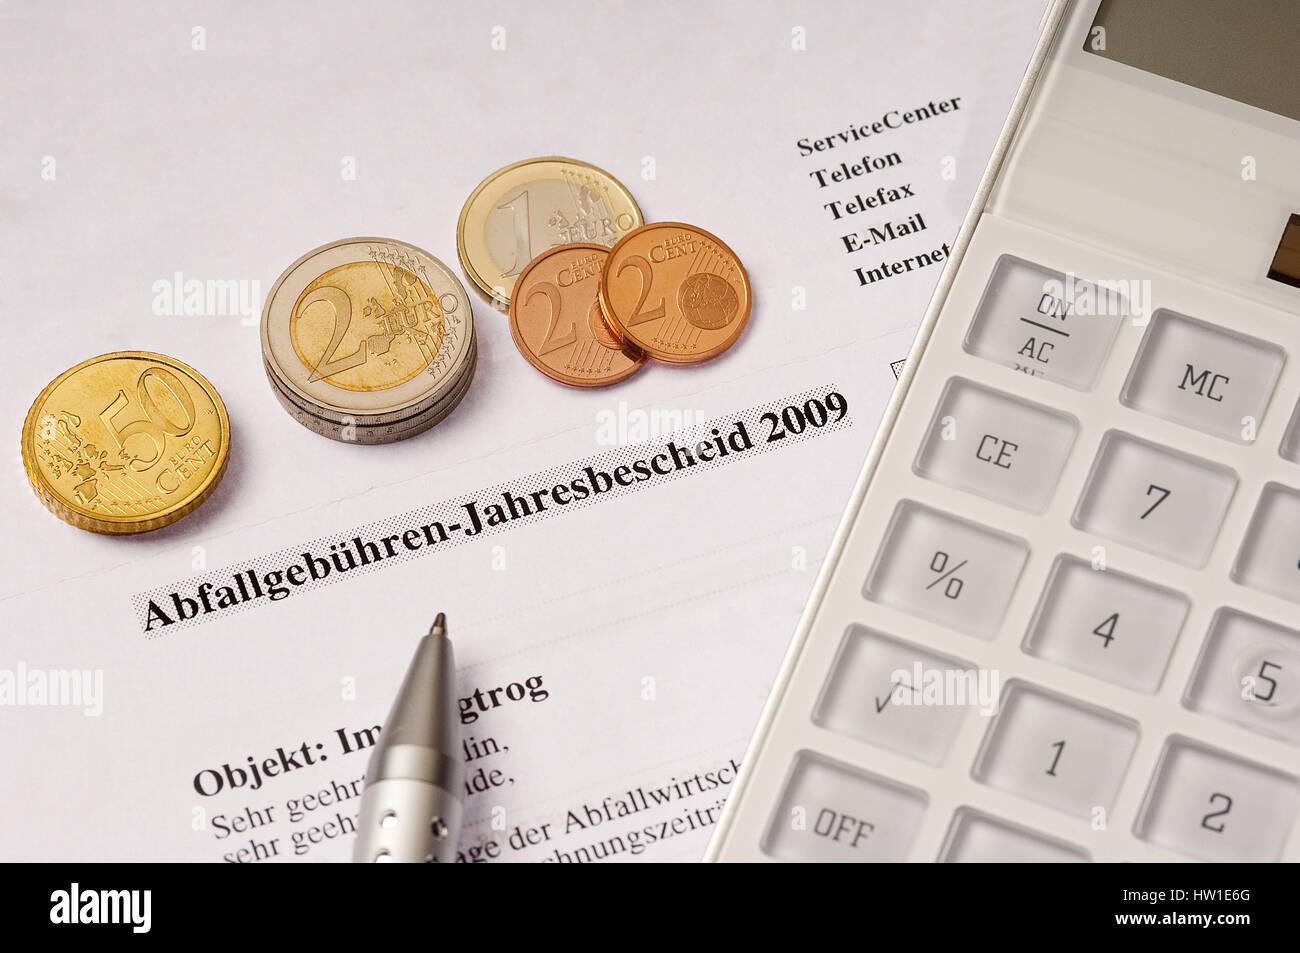 Waste fees, Abfallgebühren Stock Photo